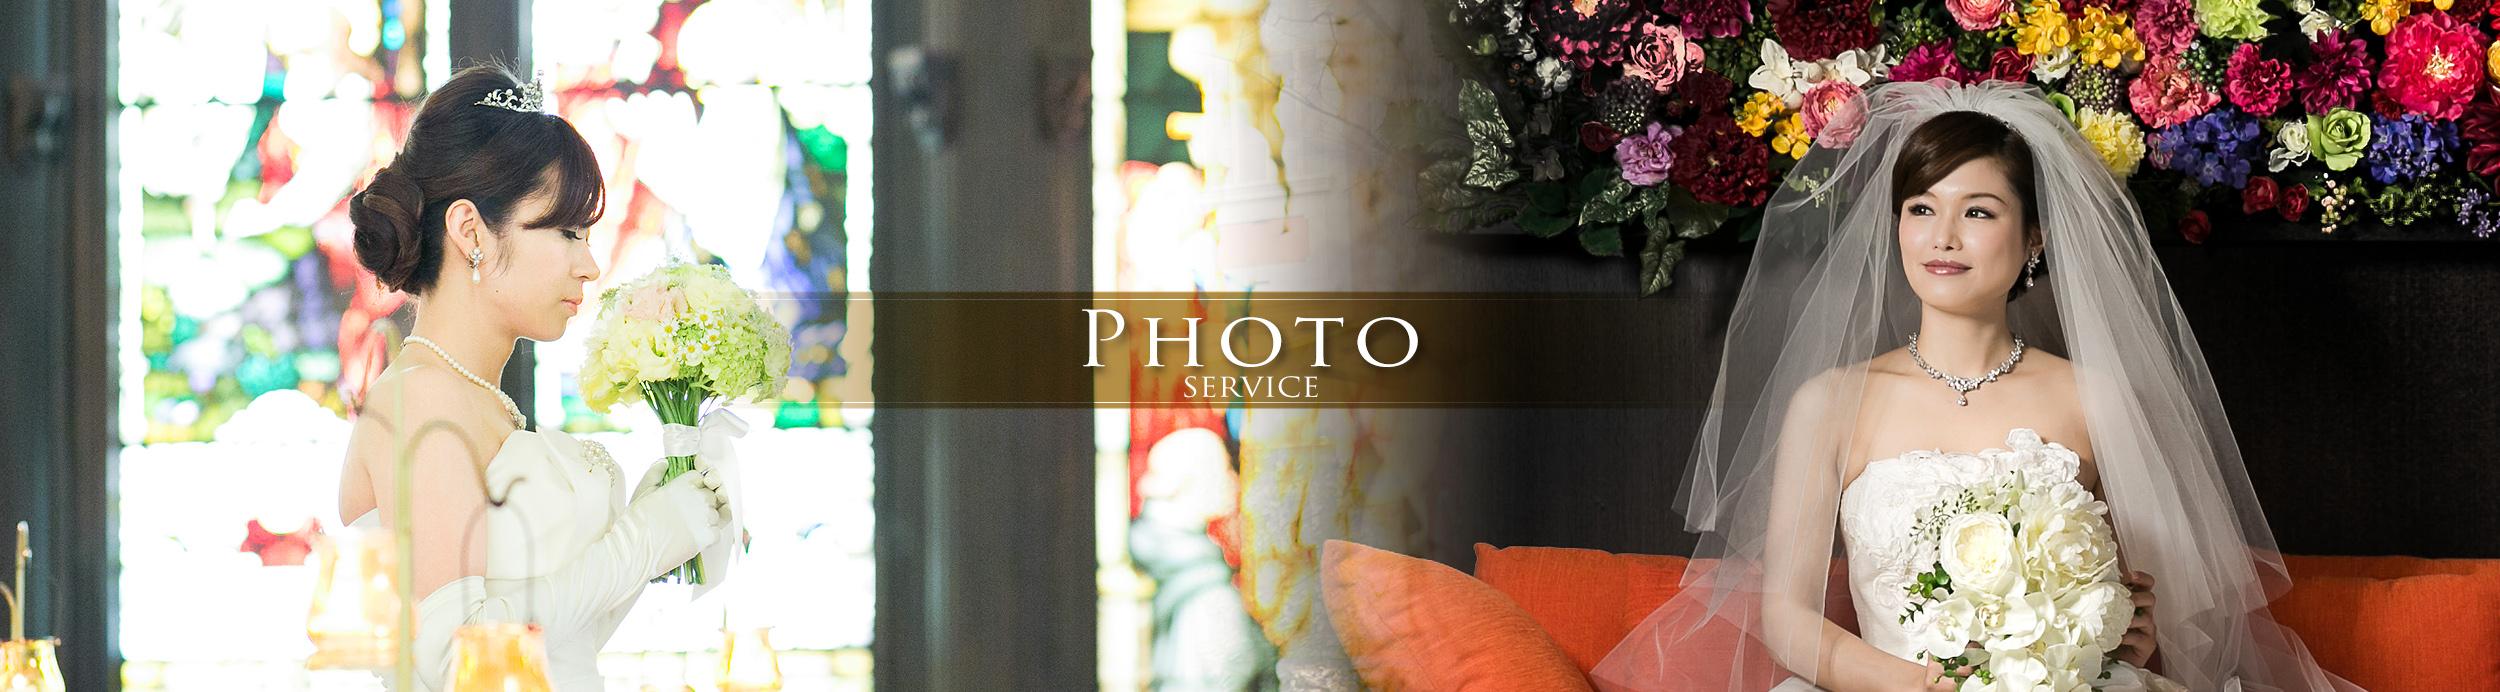 PHOTO service|ブライダルフォト撮影サービス